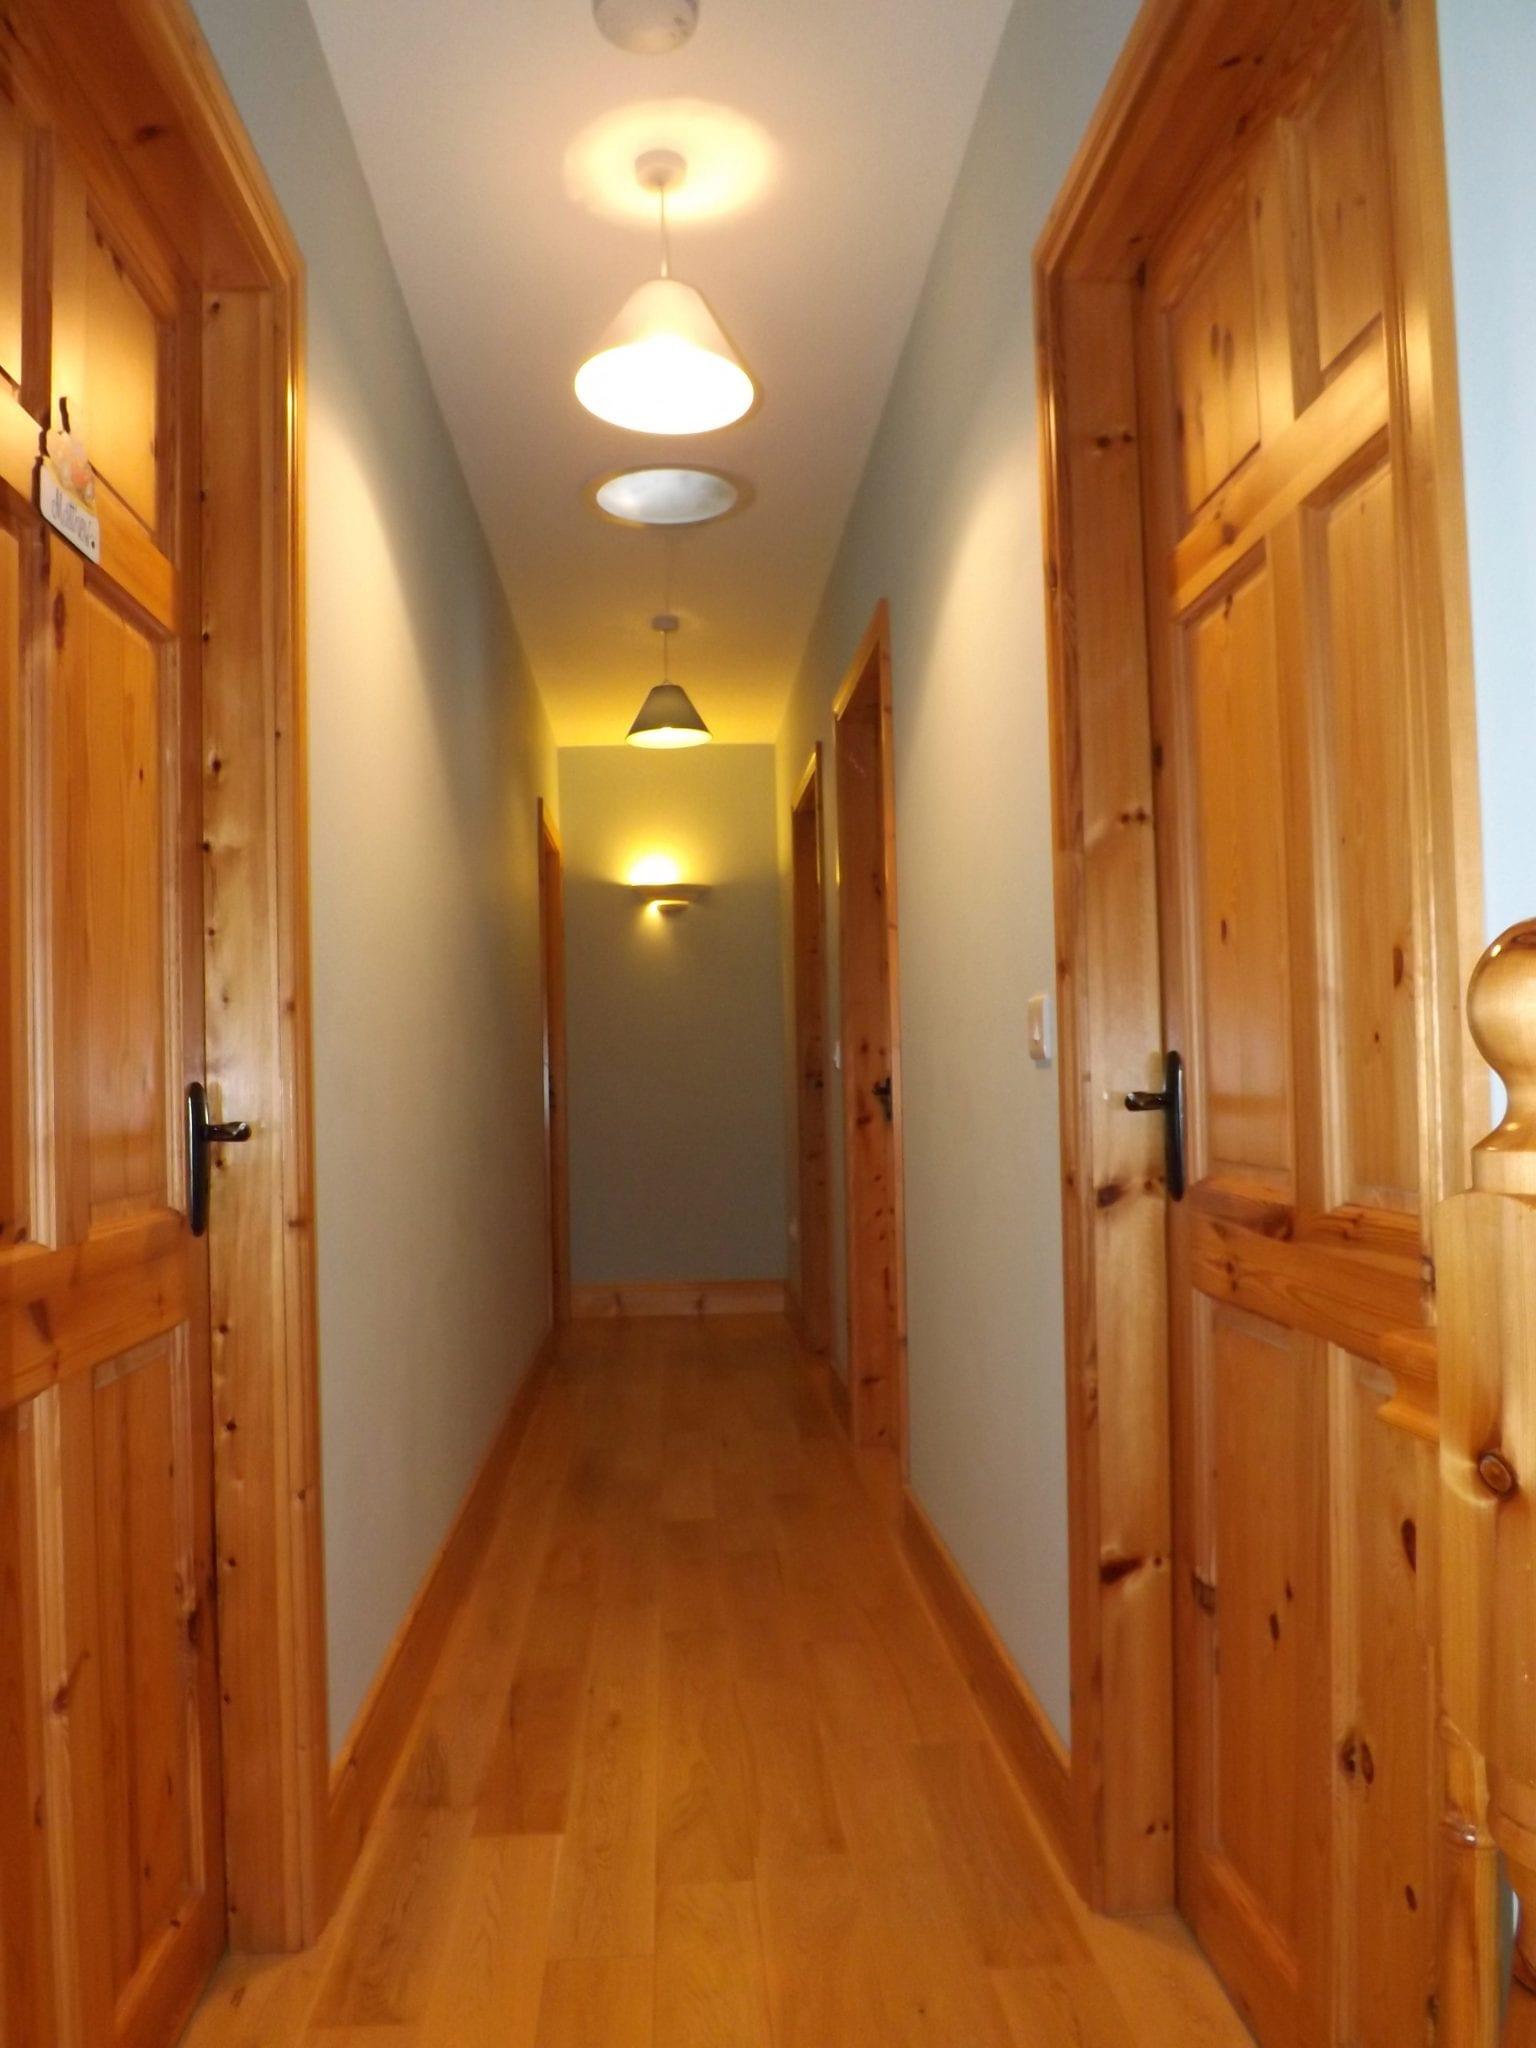 upstairs corridor resized